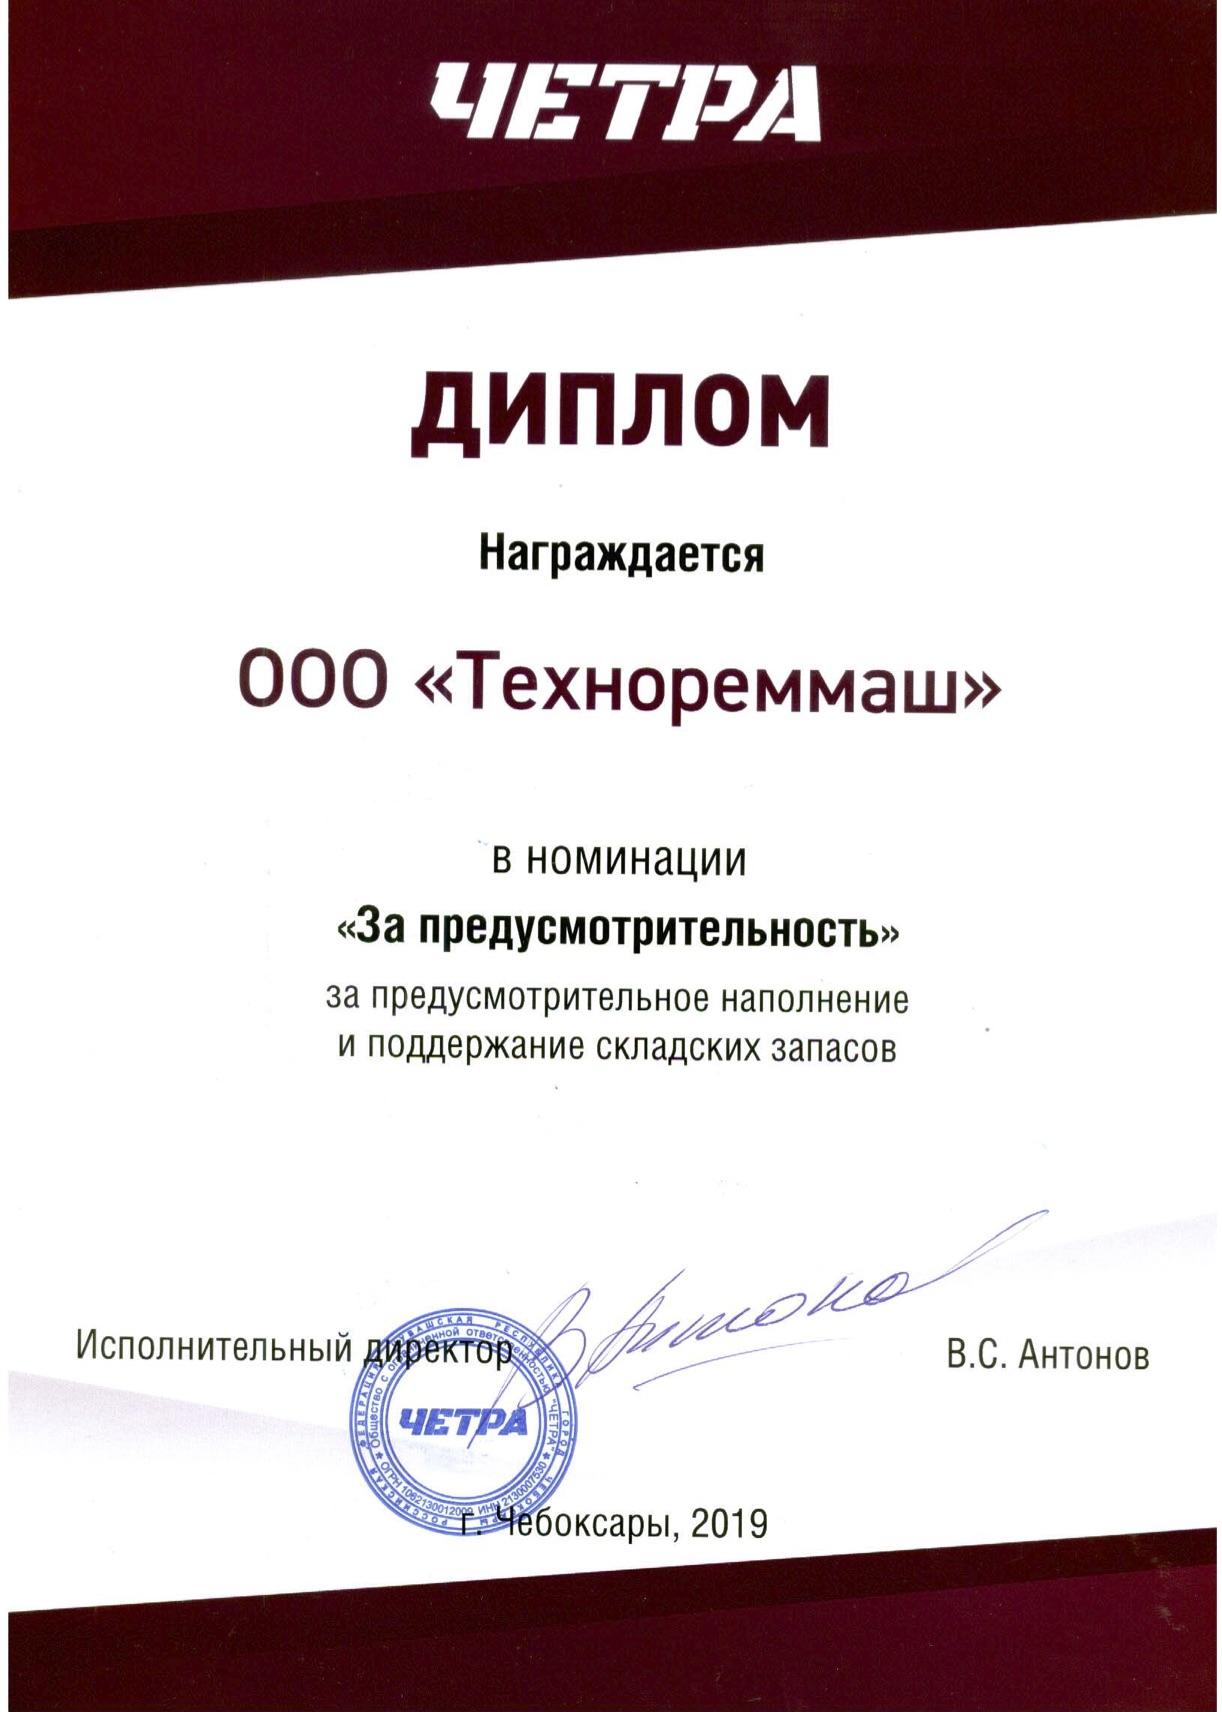 Диплом ЧЕТРА 2019г. за предусмотрительность